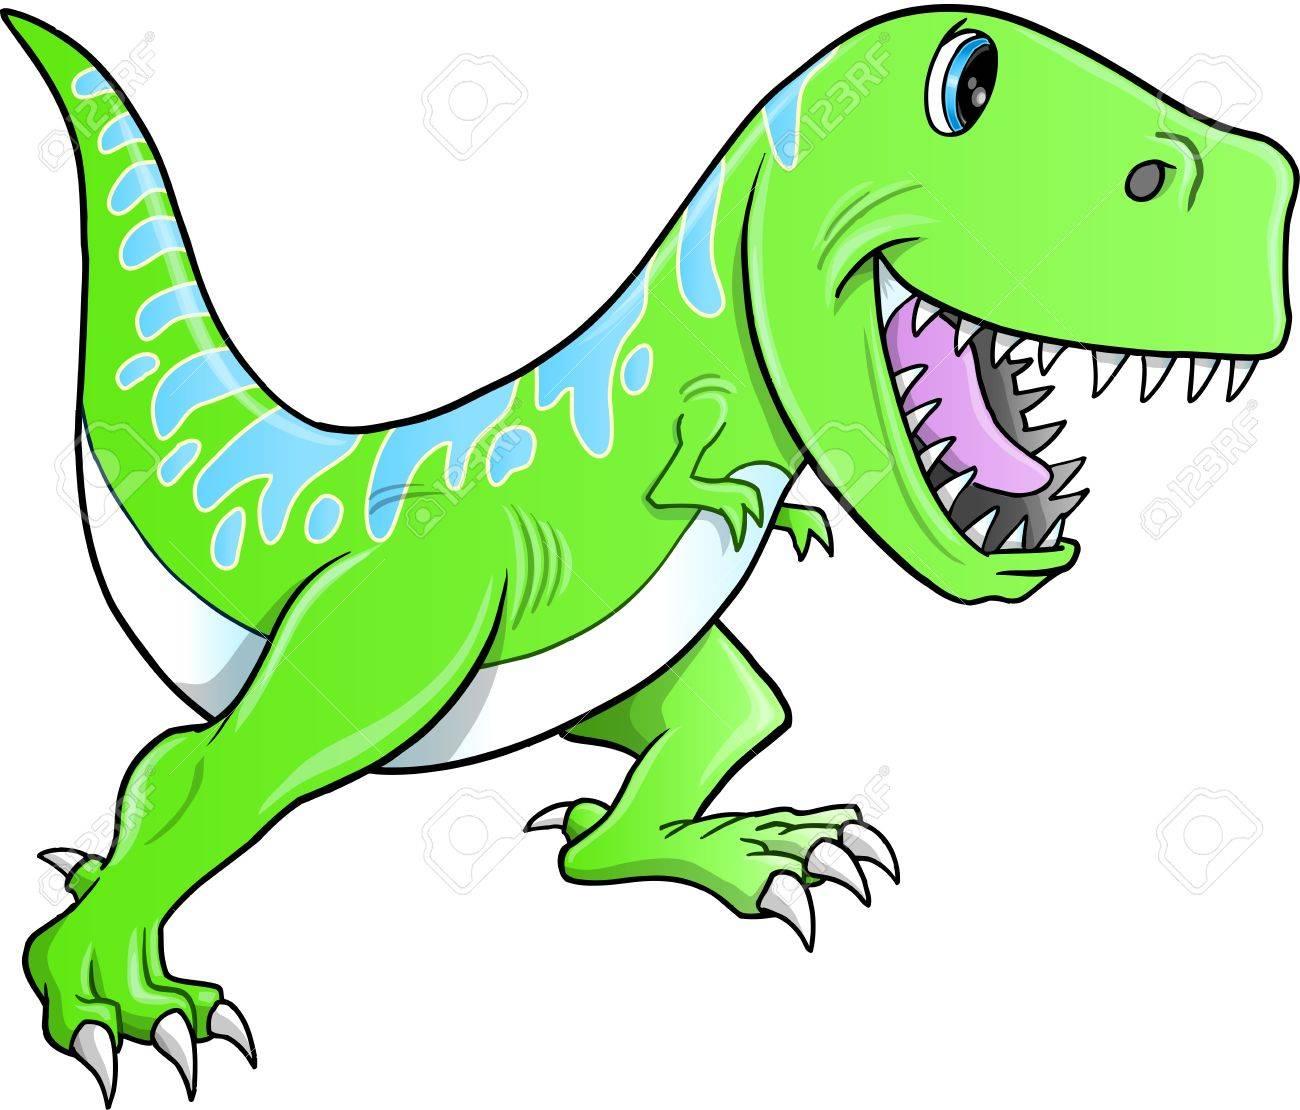 かわいいティラノサウルス恐竜イラストのイラスト素材ベクタ Image